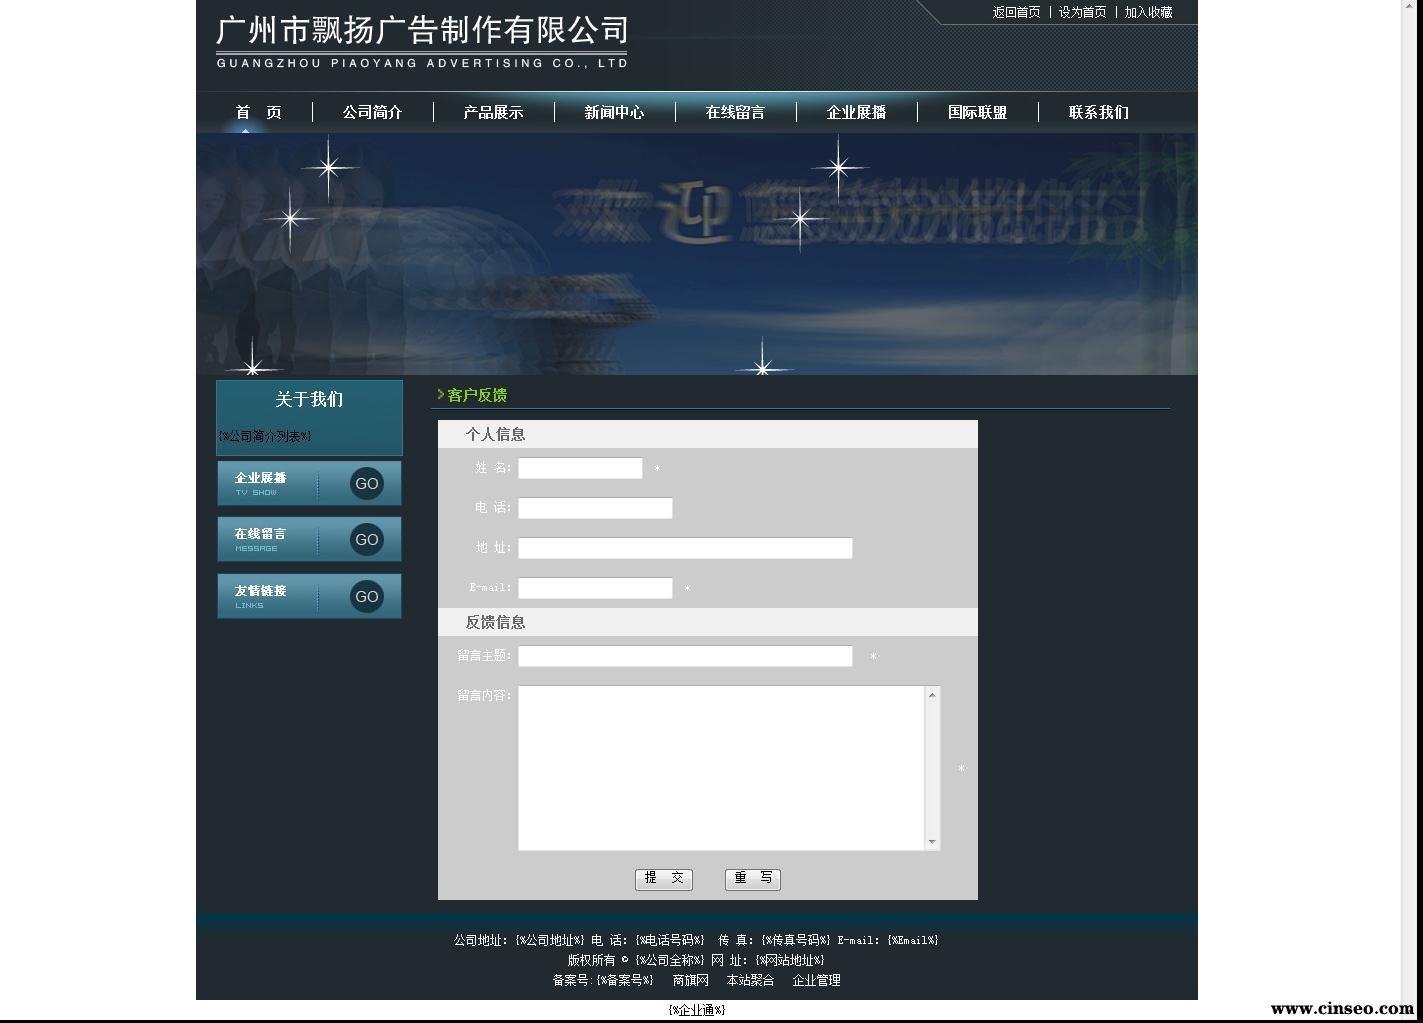 模板设计(作品)深蓝色广告公司网站留言板页模板展示